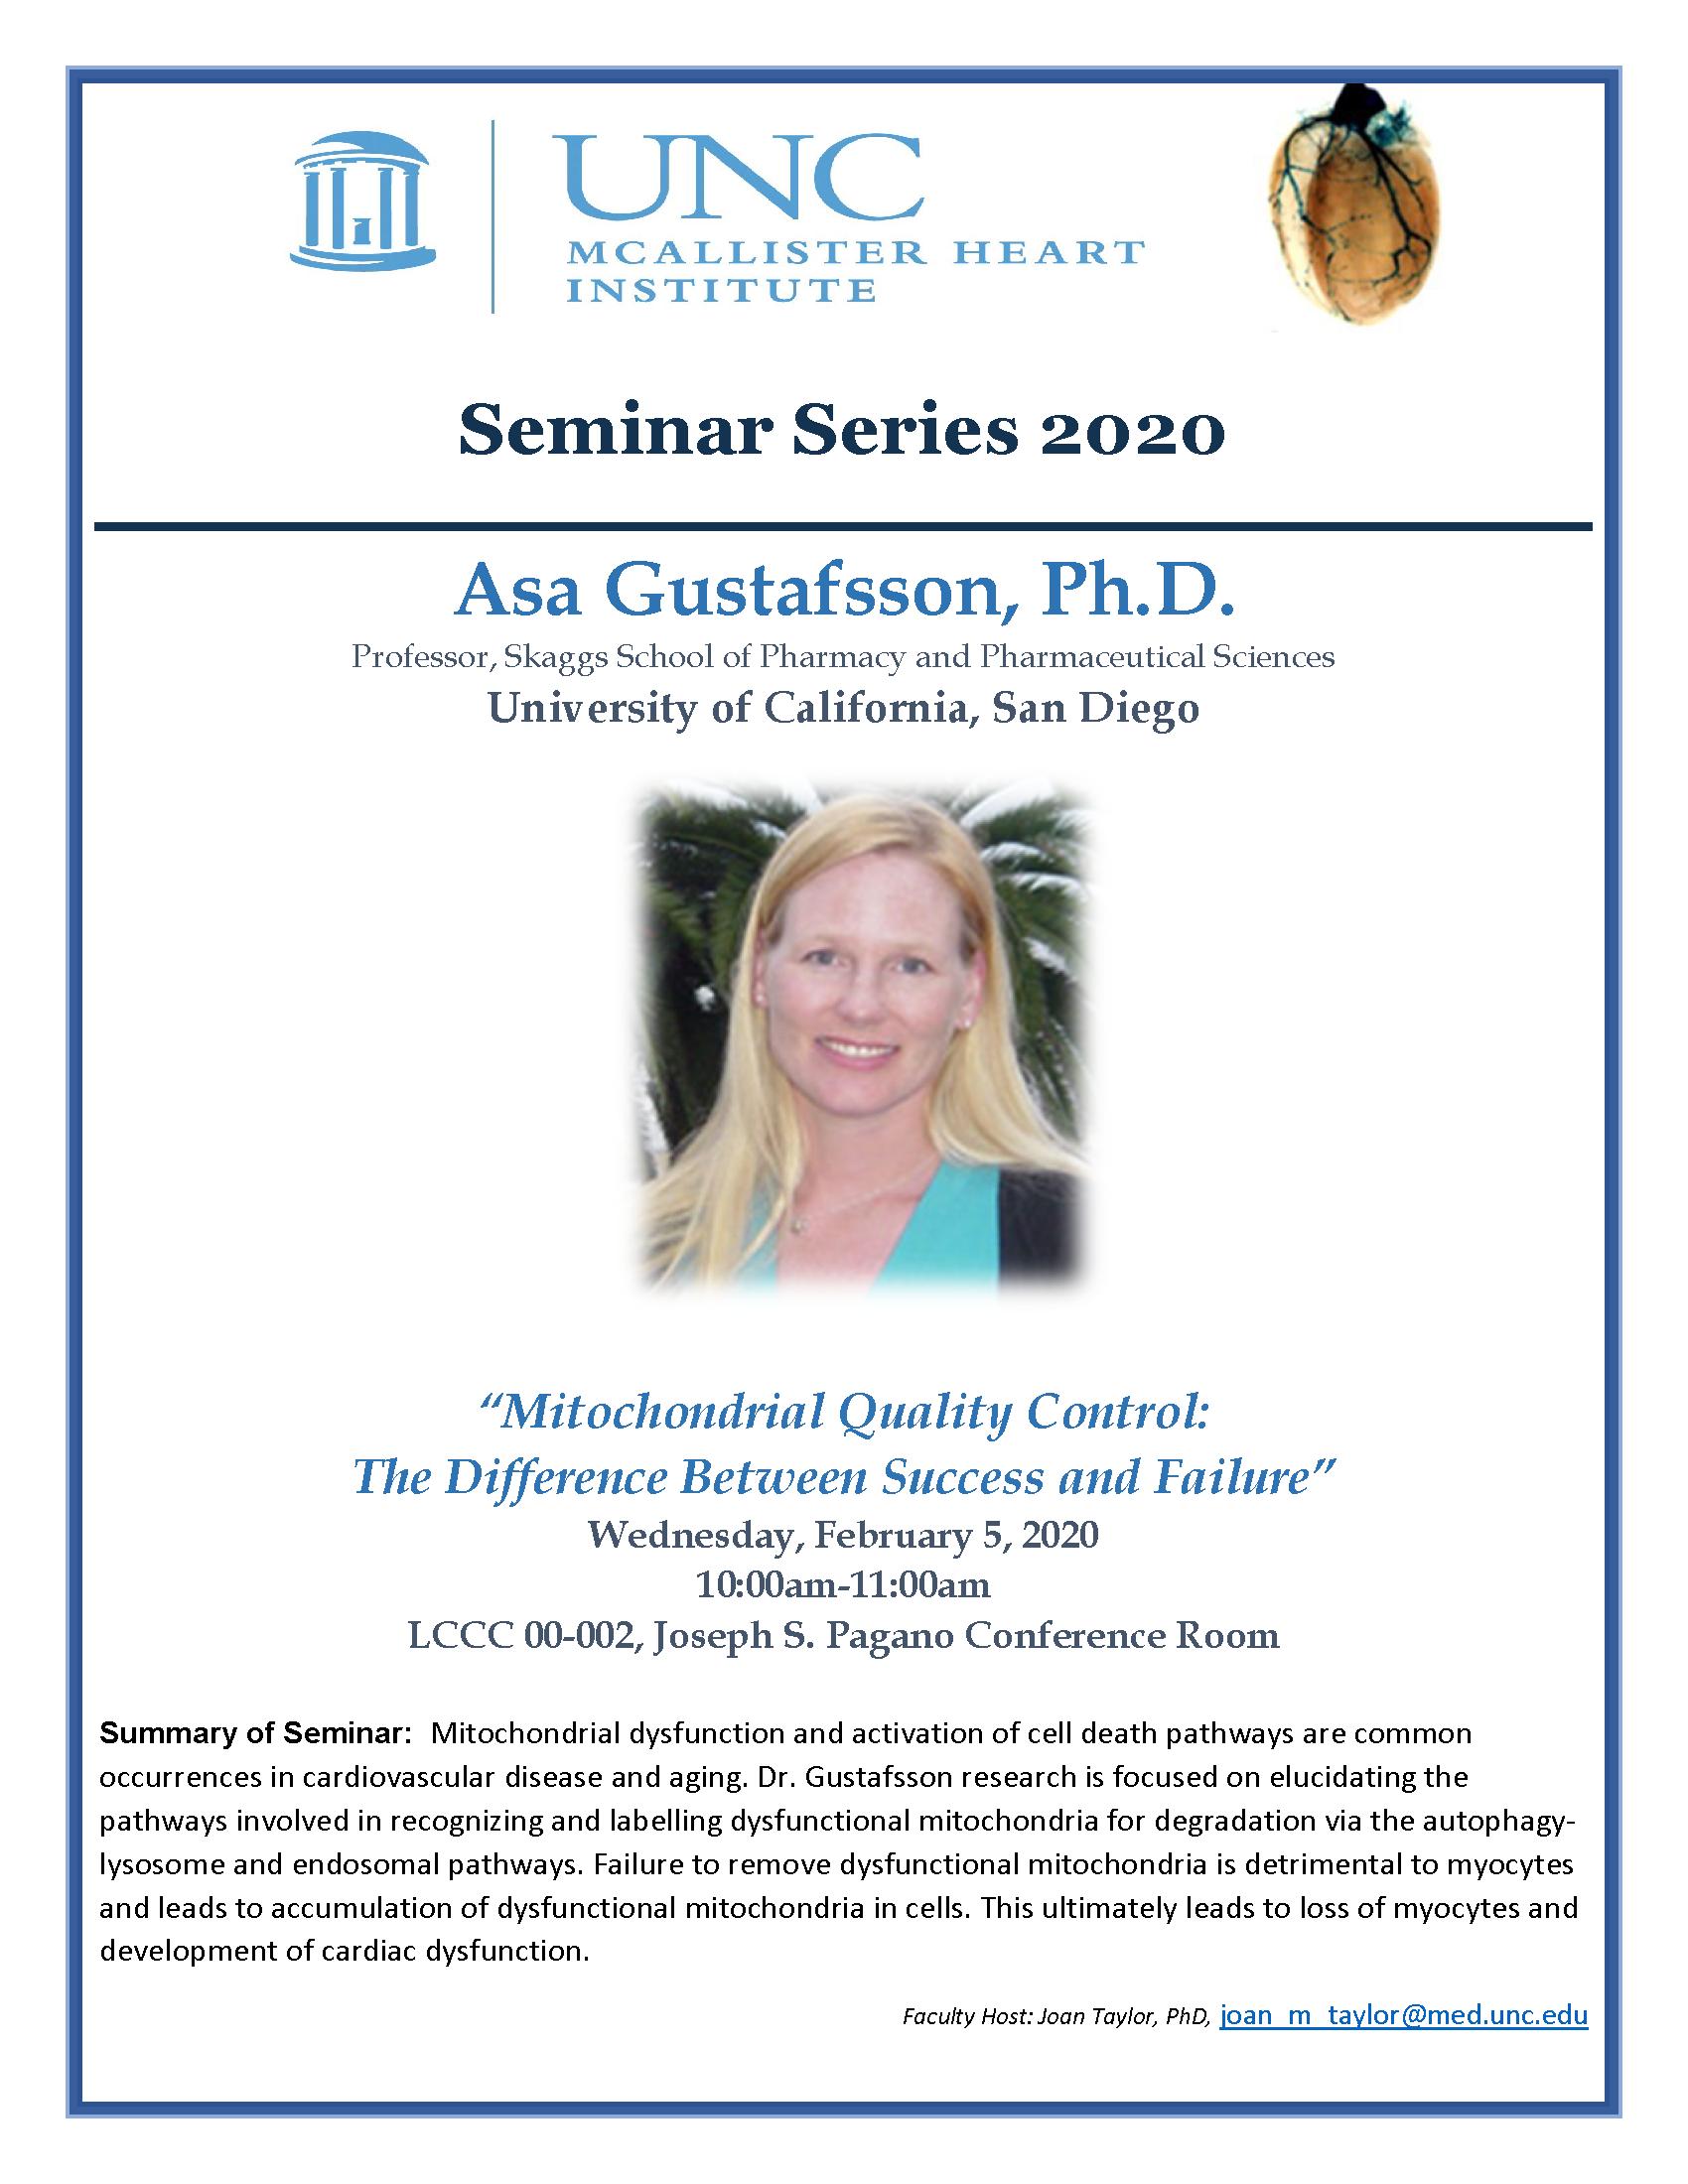 Asa Gustafsson, Ph.D.